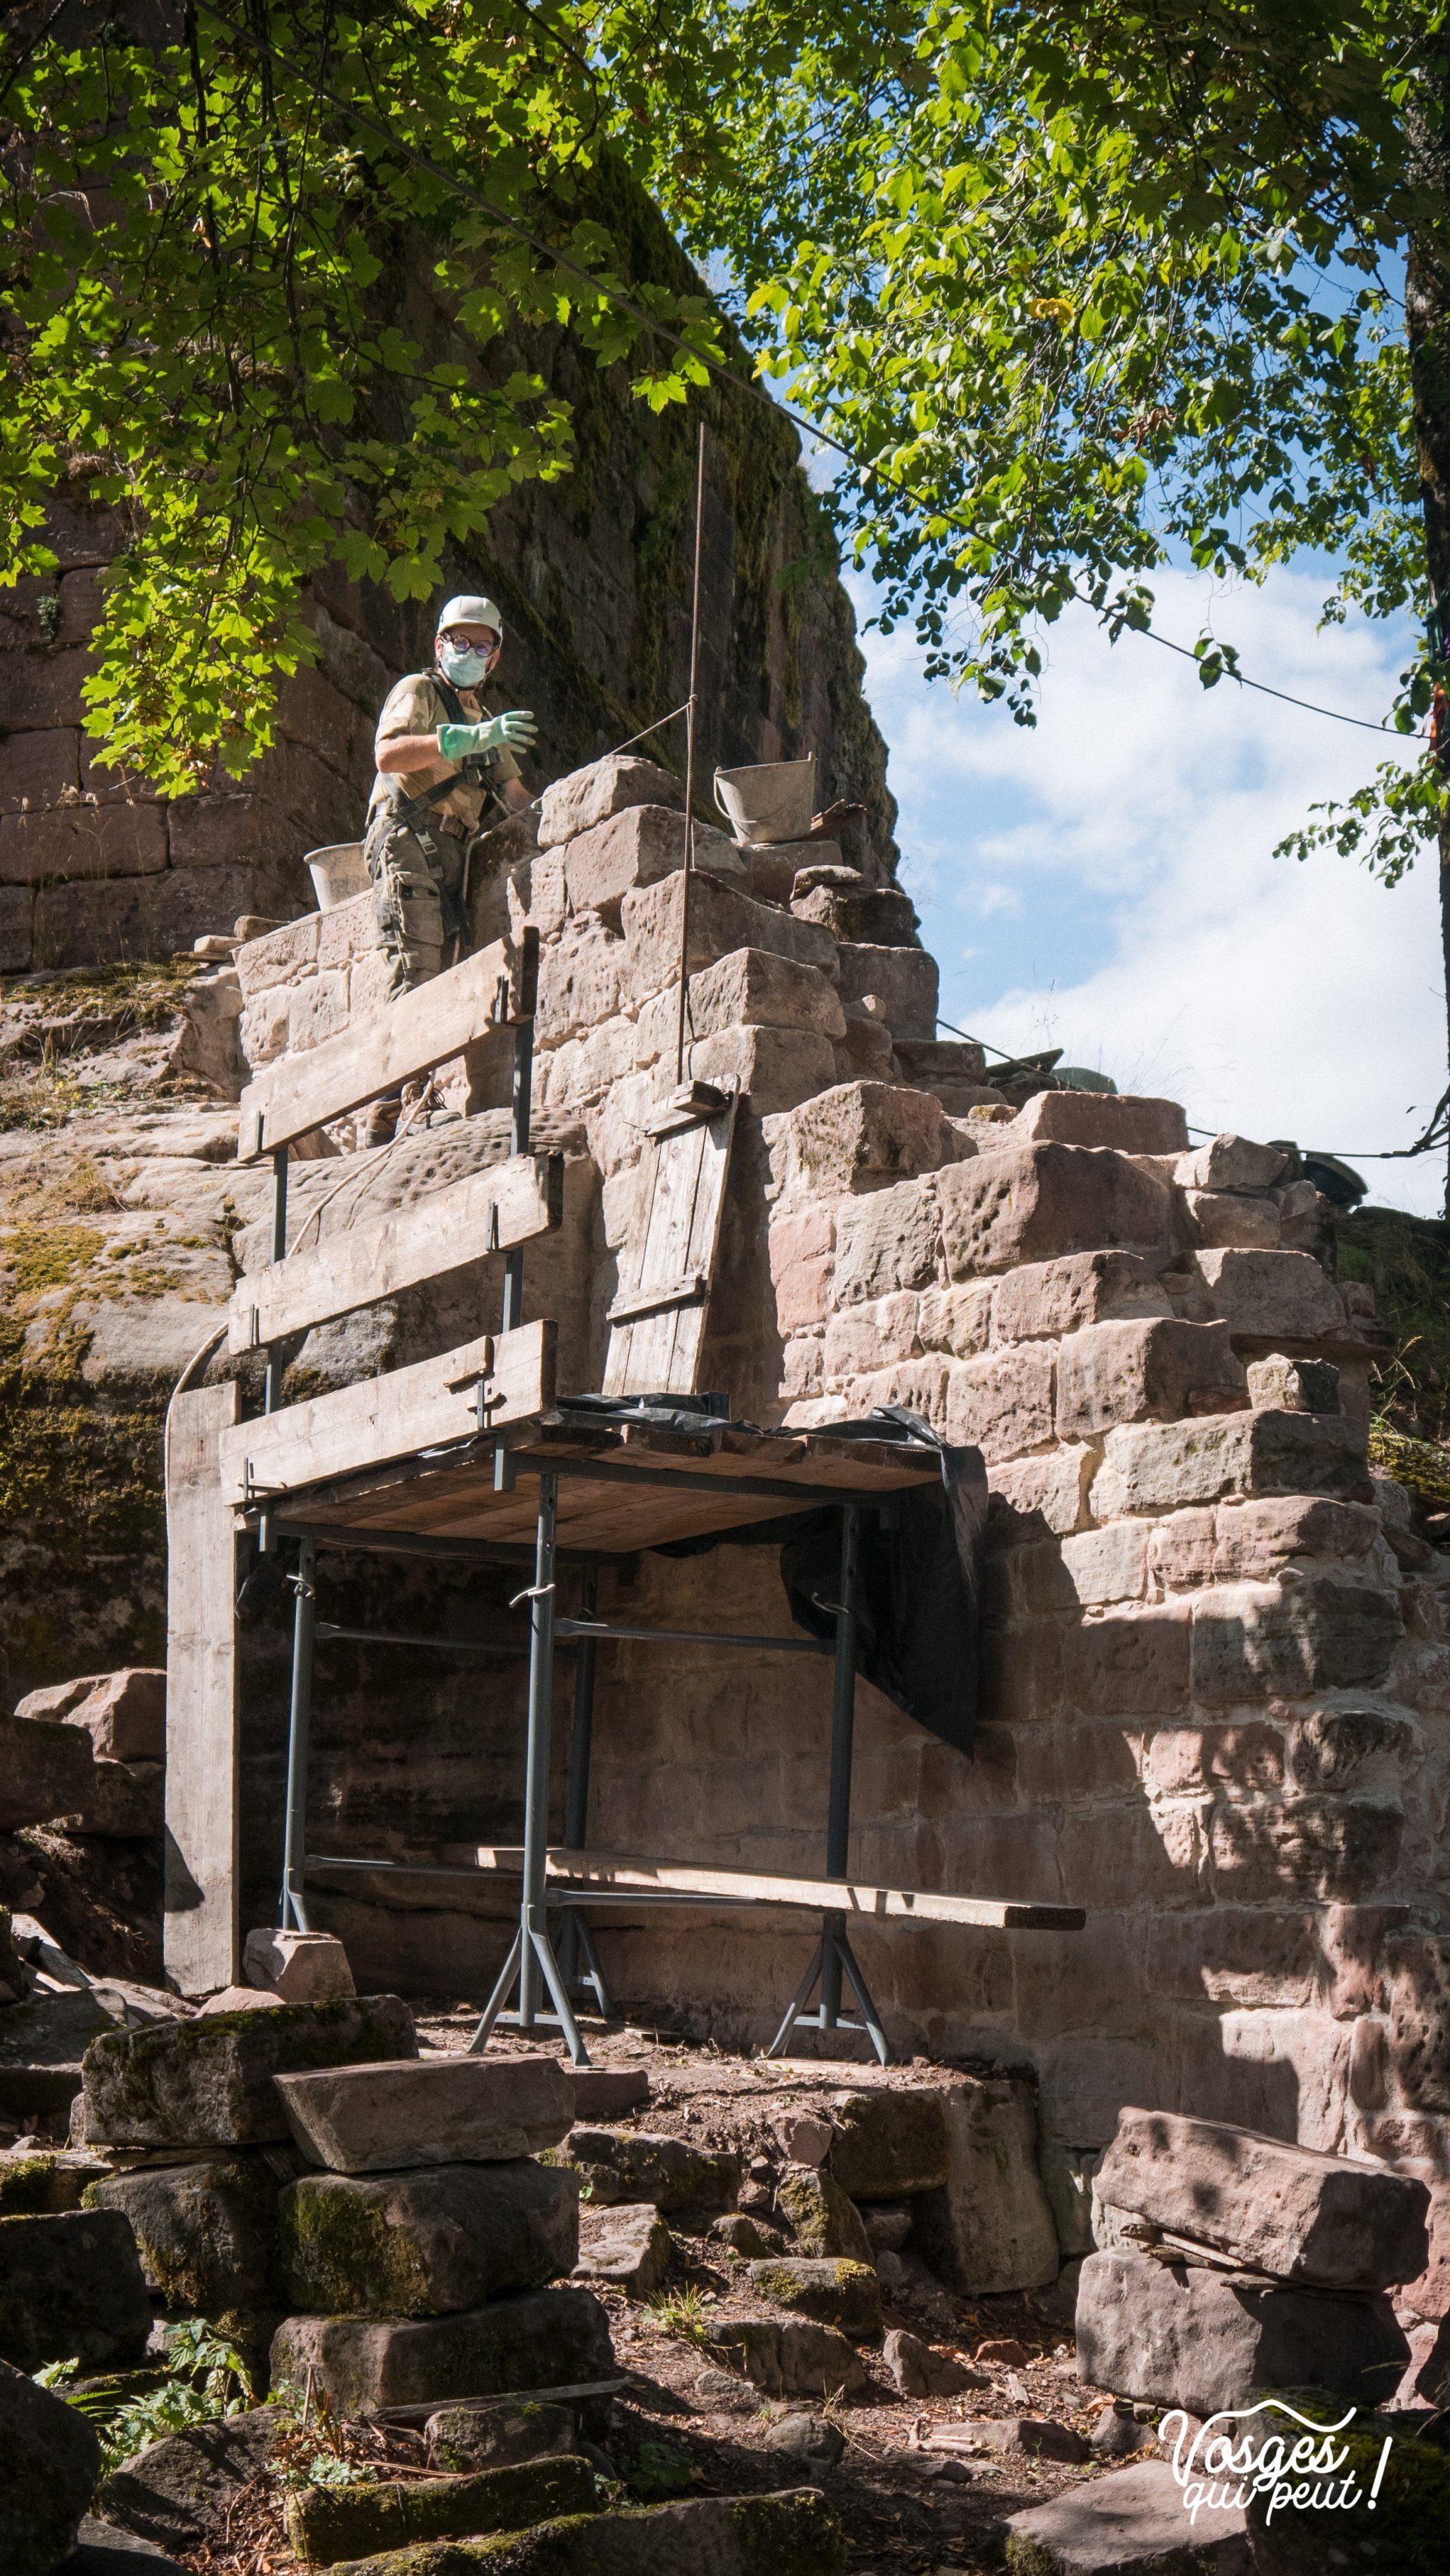 Un bénévole de l'association Les Veilleurs de Salm restaure un mur du château de Salm dans la vallée de la Bruche